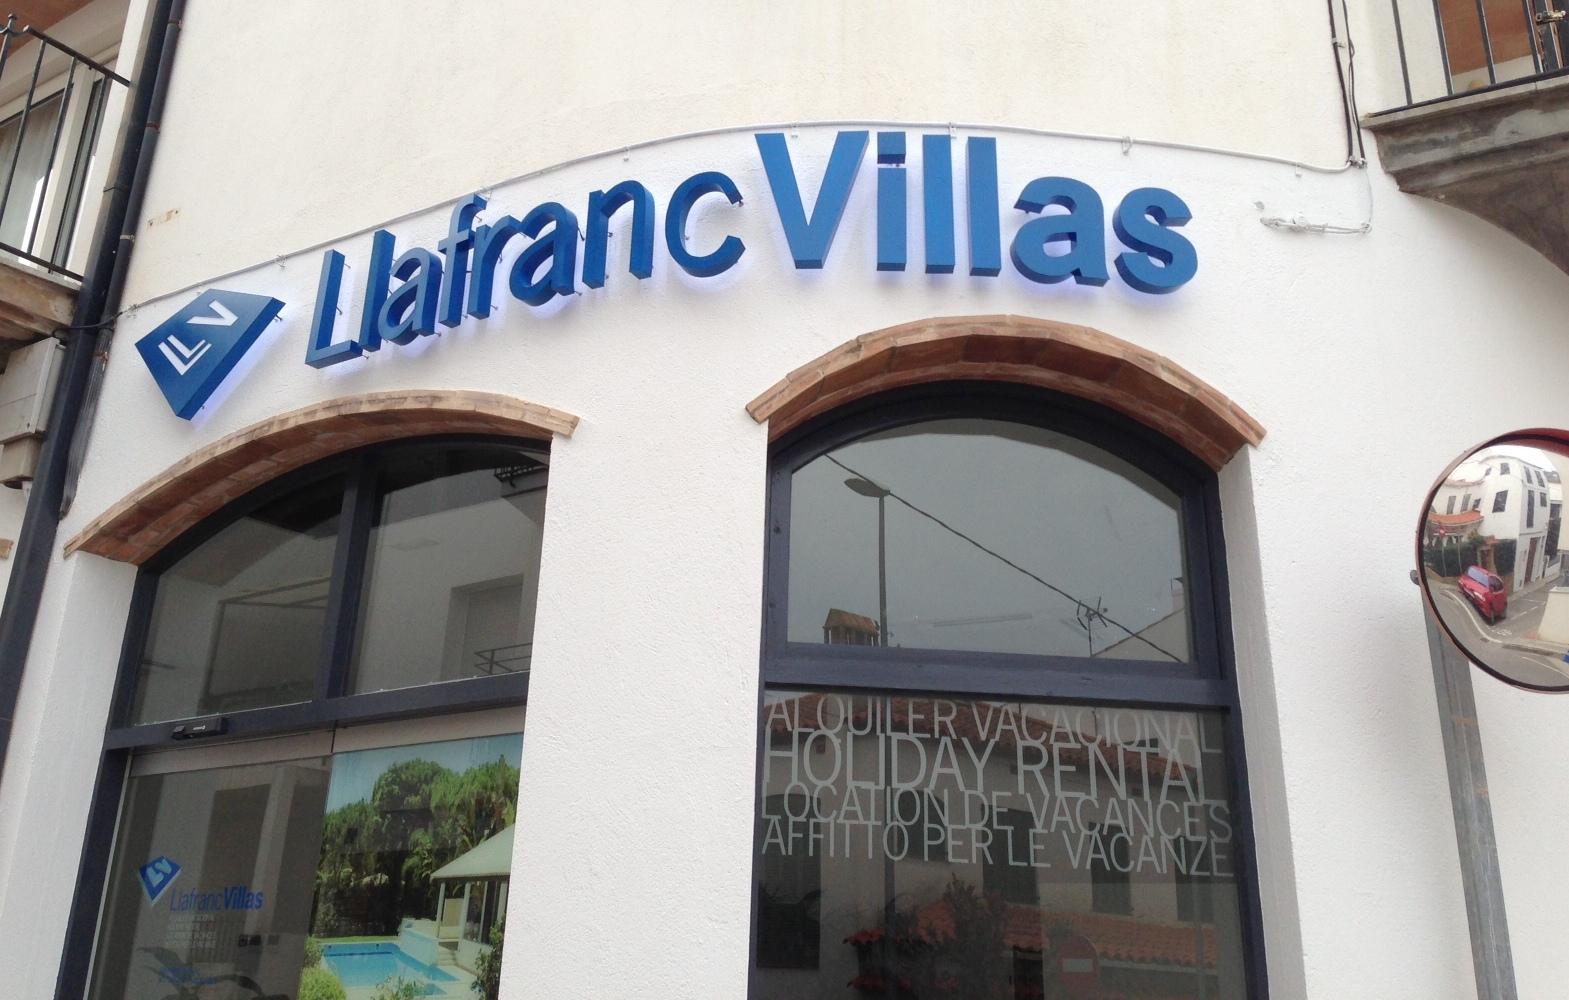 Llafranc Villas